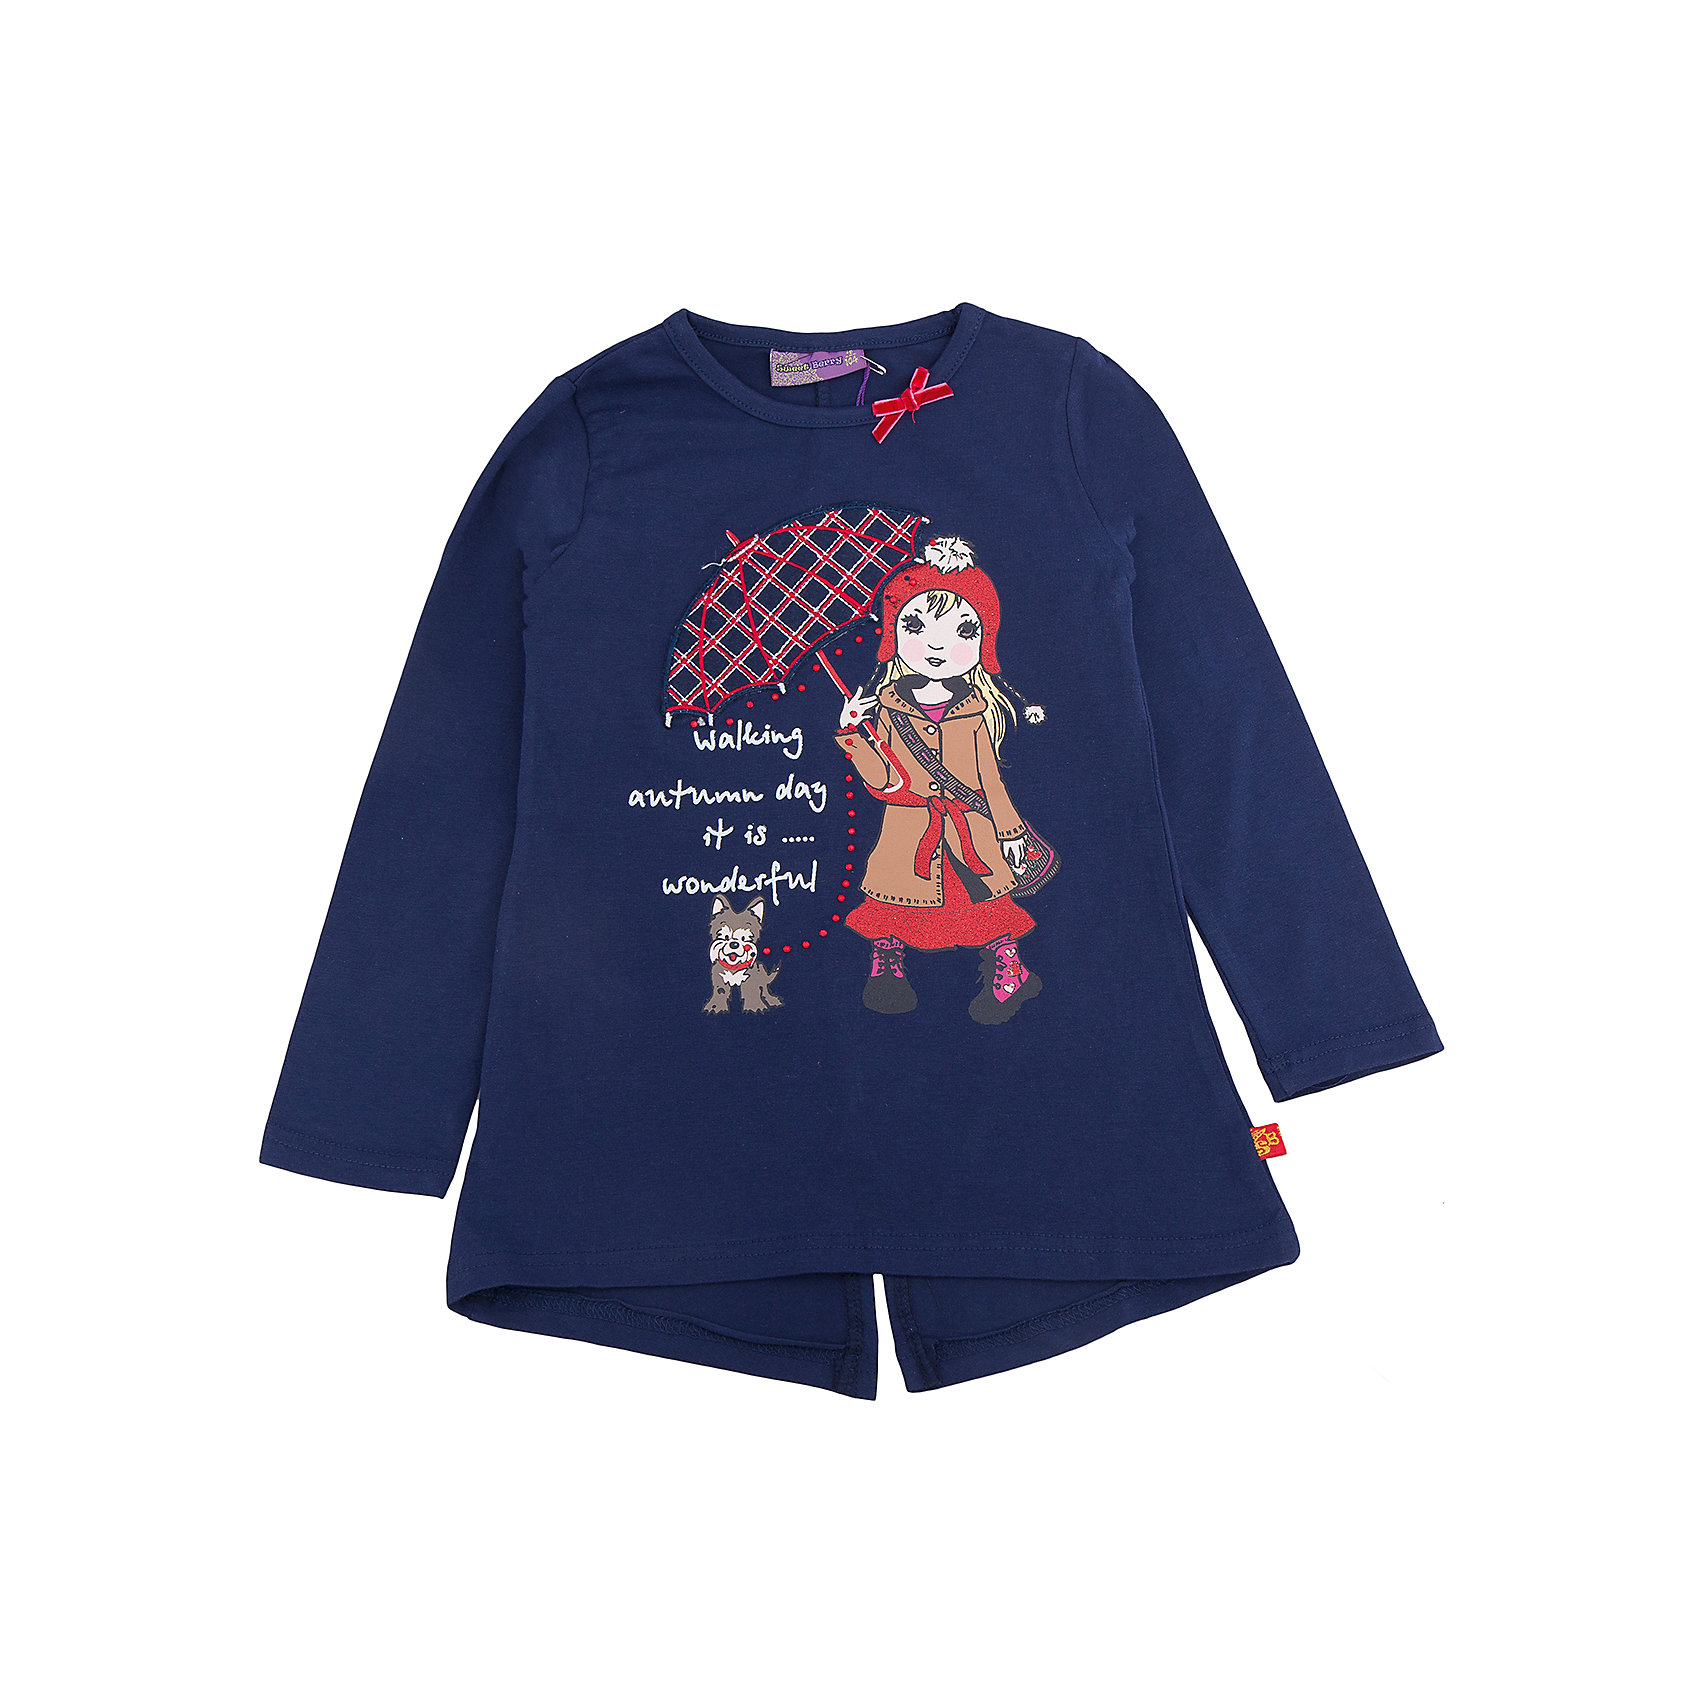 Футболка с длинным рукавом для девочки Sweet BerryФутболки с длинным рукавом<br>Эта футболка с длинным рукавом для девочки отличается модным дизайном с ярким принтом. Удачный крой обеспечит ребенку комфорт и тепло. Вещь плотно прилегает к телу там, где нужно, и отлично сидит по фигуре.<br>Одежда от бренда Sweet Berry - это простой и выгодный способ одеть ребенка удобно и стильно. Всё изделия тщательно проработаны: швы - прочные, материал - качественный, фурнитура - подобранная специально для детей. <br><br>Дополнительная информация:<br><br>цвет: синий;<br>материал: 95% хлопок, 5% эластан;<br>декорирована принтом и аппликацией.<br><br>Футболку с длинным рукавом для девочки от бренда Sweet Berry можно купить в нашем интернет-магазине.<br><br>Ширина мм: 230<br>Глубина мм: 40<br>Высота мм: 220<br>Вес г: 250<br>Цвет: синий<br>Возраст от месяцев: 24<br>Возраст до месяцев: 36<br>Пол: Женский<br>Возраст: Детский<br>Размер: 98,104,110,116,122,128<br>SKU: 4931469